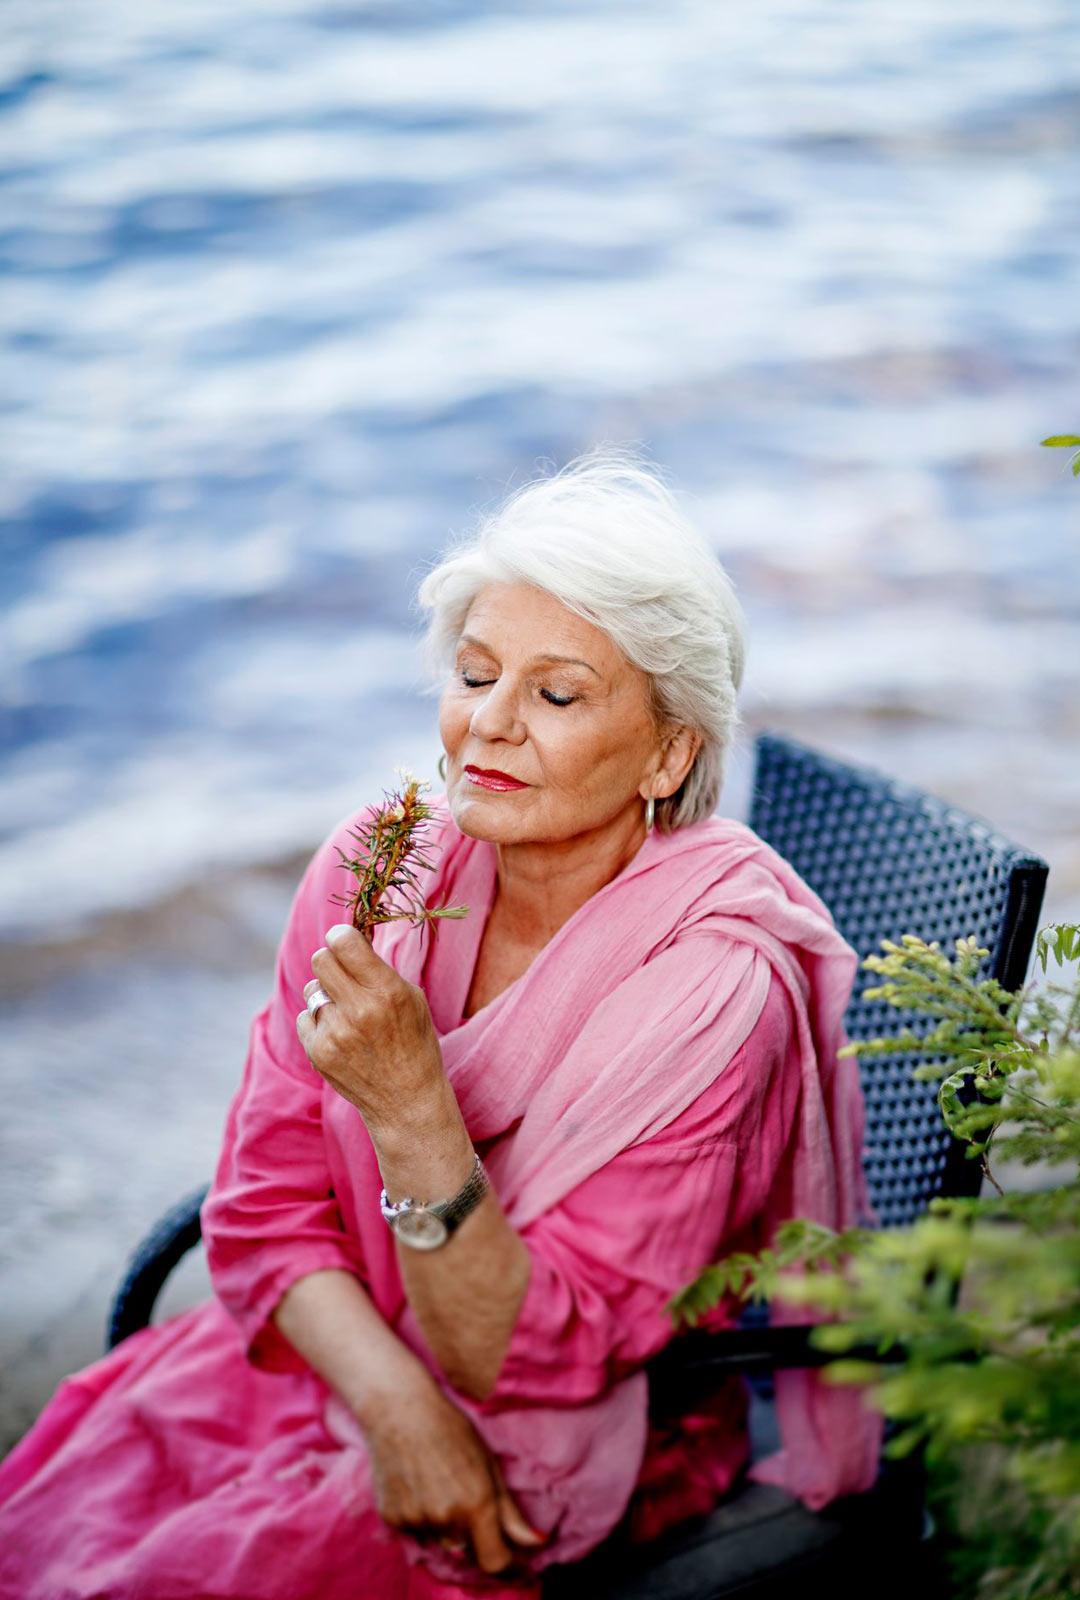 """Jos yksinäisyys joskus yllättää, Ritvalla on metodi sen hälventämiseen: """"Lähtee hitaasti toimimaan tähän päivään. Ottaa kiinni elämän kahvoista. Siitä se sitten taas käynnistyy."""""""